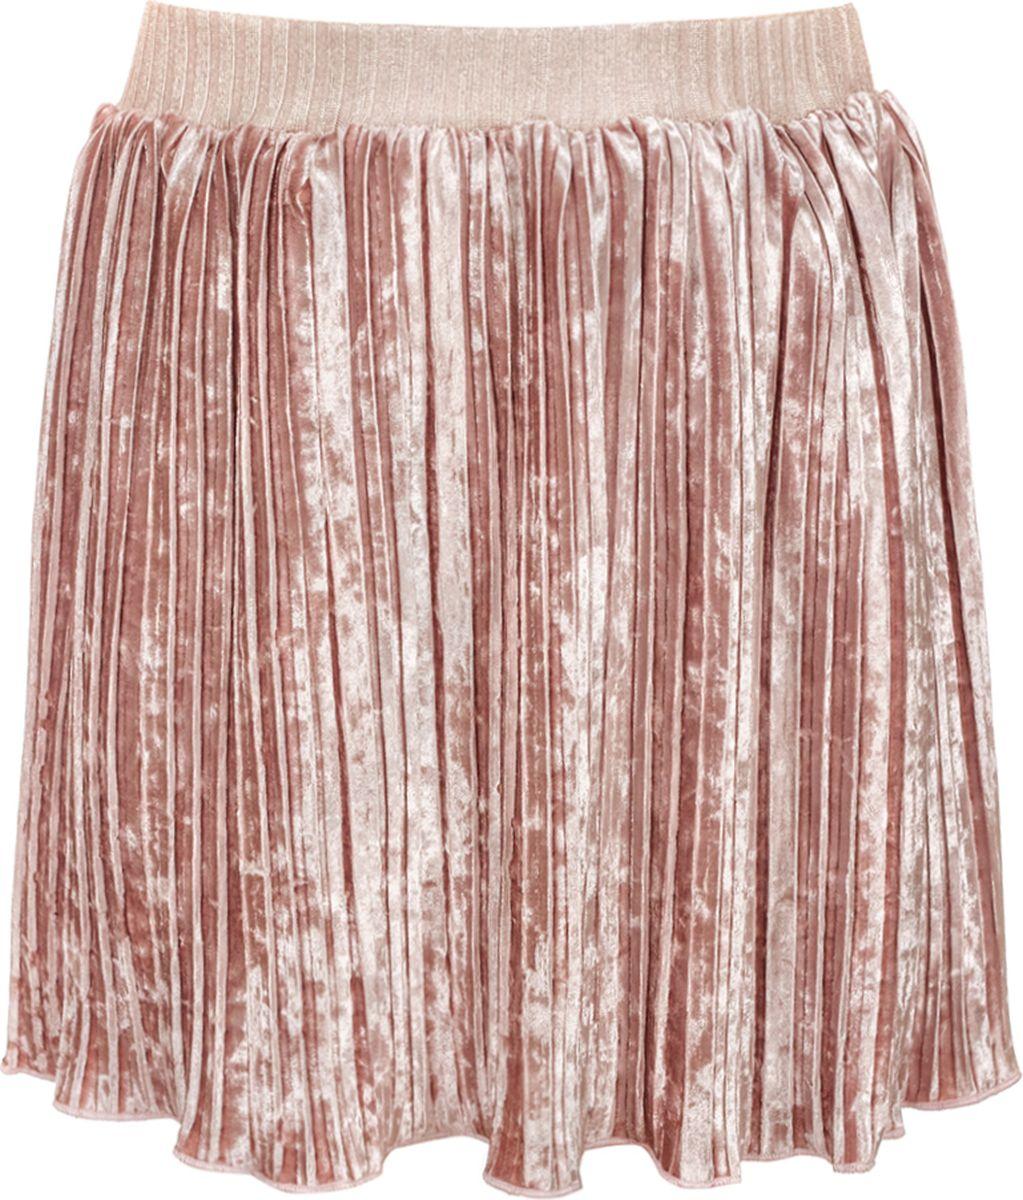 Тюльпан юбка Самара